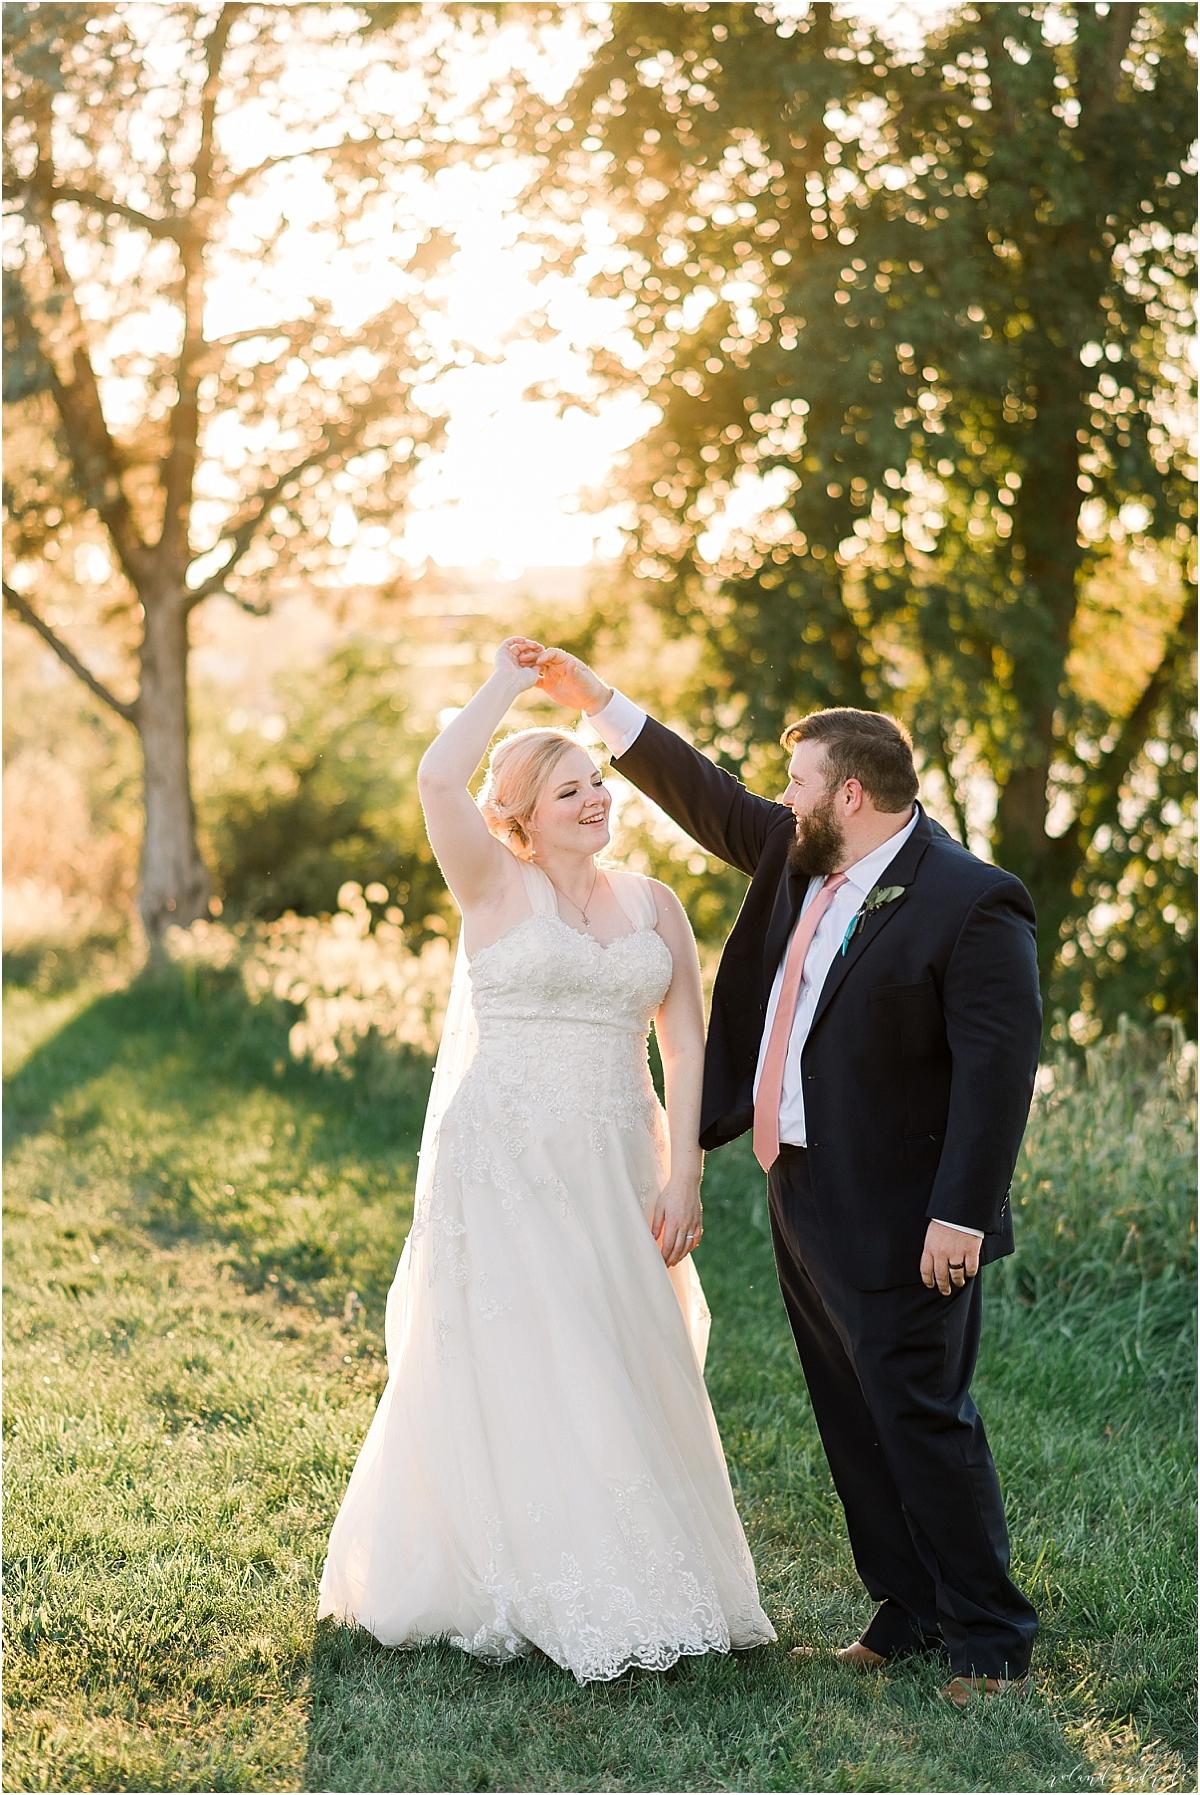 The Waterhouse Wedding, Chicago Wedding Photographer, Peoria Wedding Photographer, Best Photographer In Aurora, Best Photographer In Chicago_0078.jpg